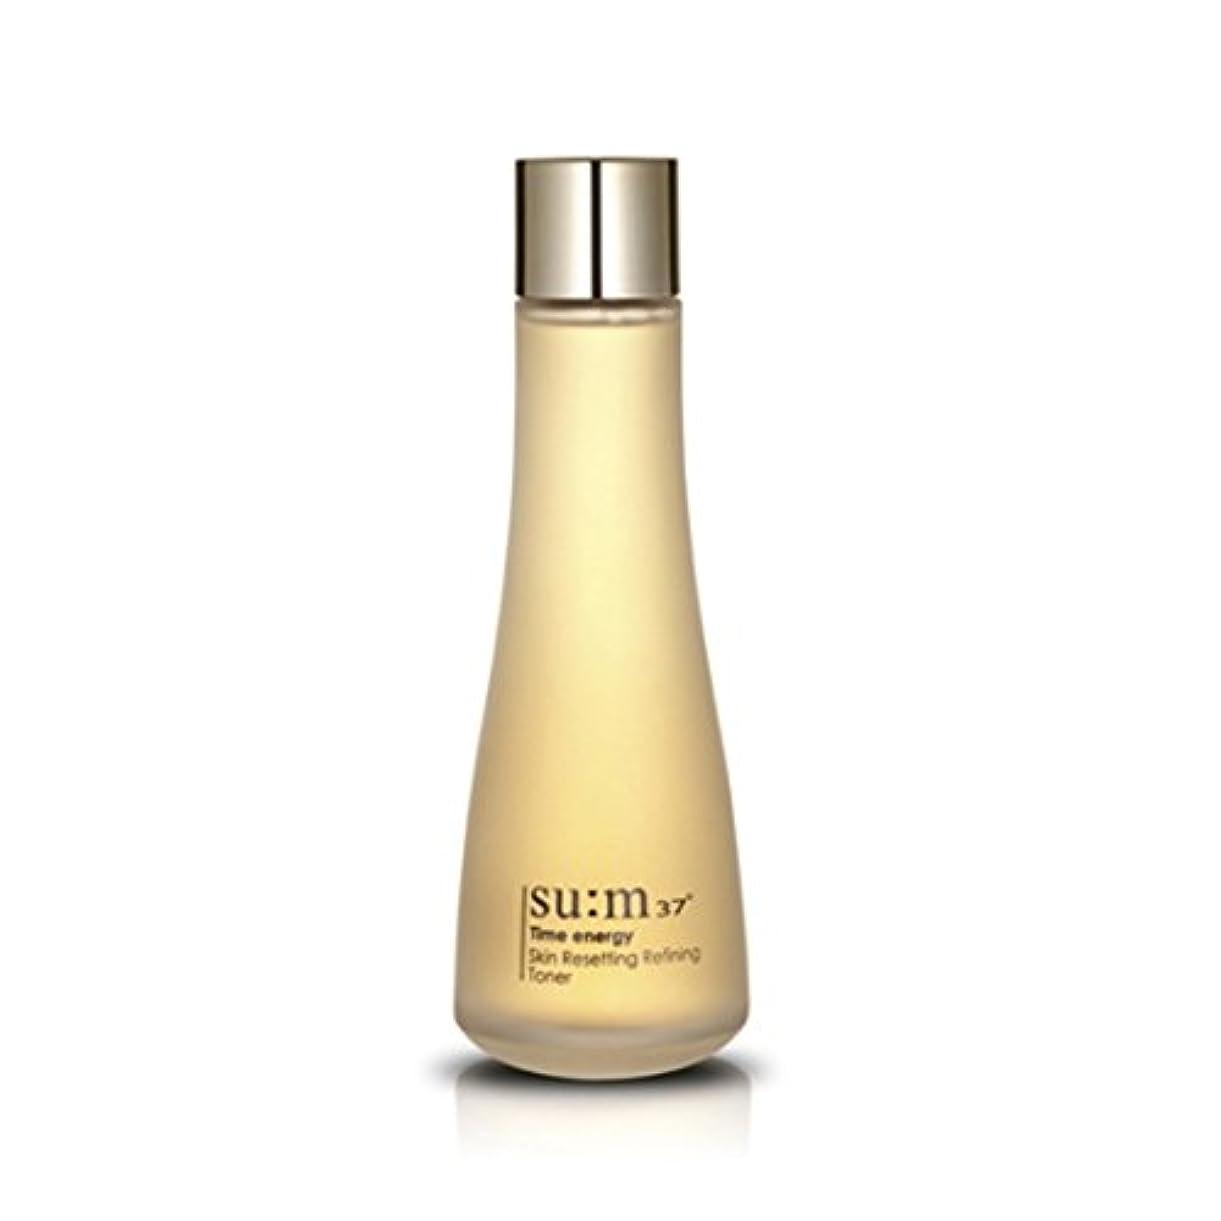 純粋に選択バレルsu:m37/スム37° スム37 タイムエナジーリファイティングトナー160ml (sum 37º Time energy Skin Resetting Refining Toner 160ml + Special Gift...